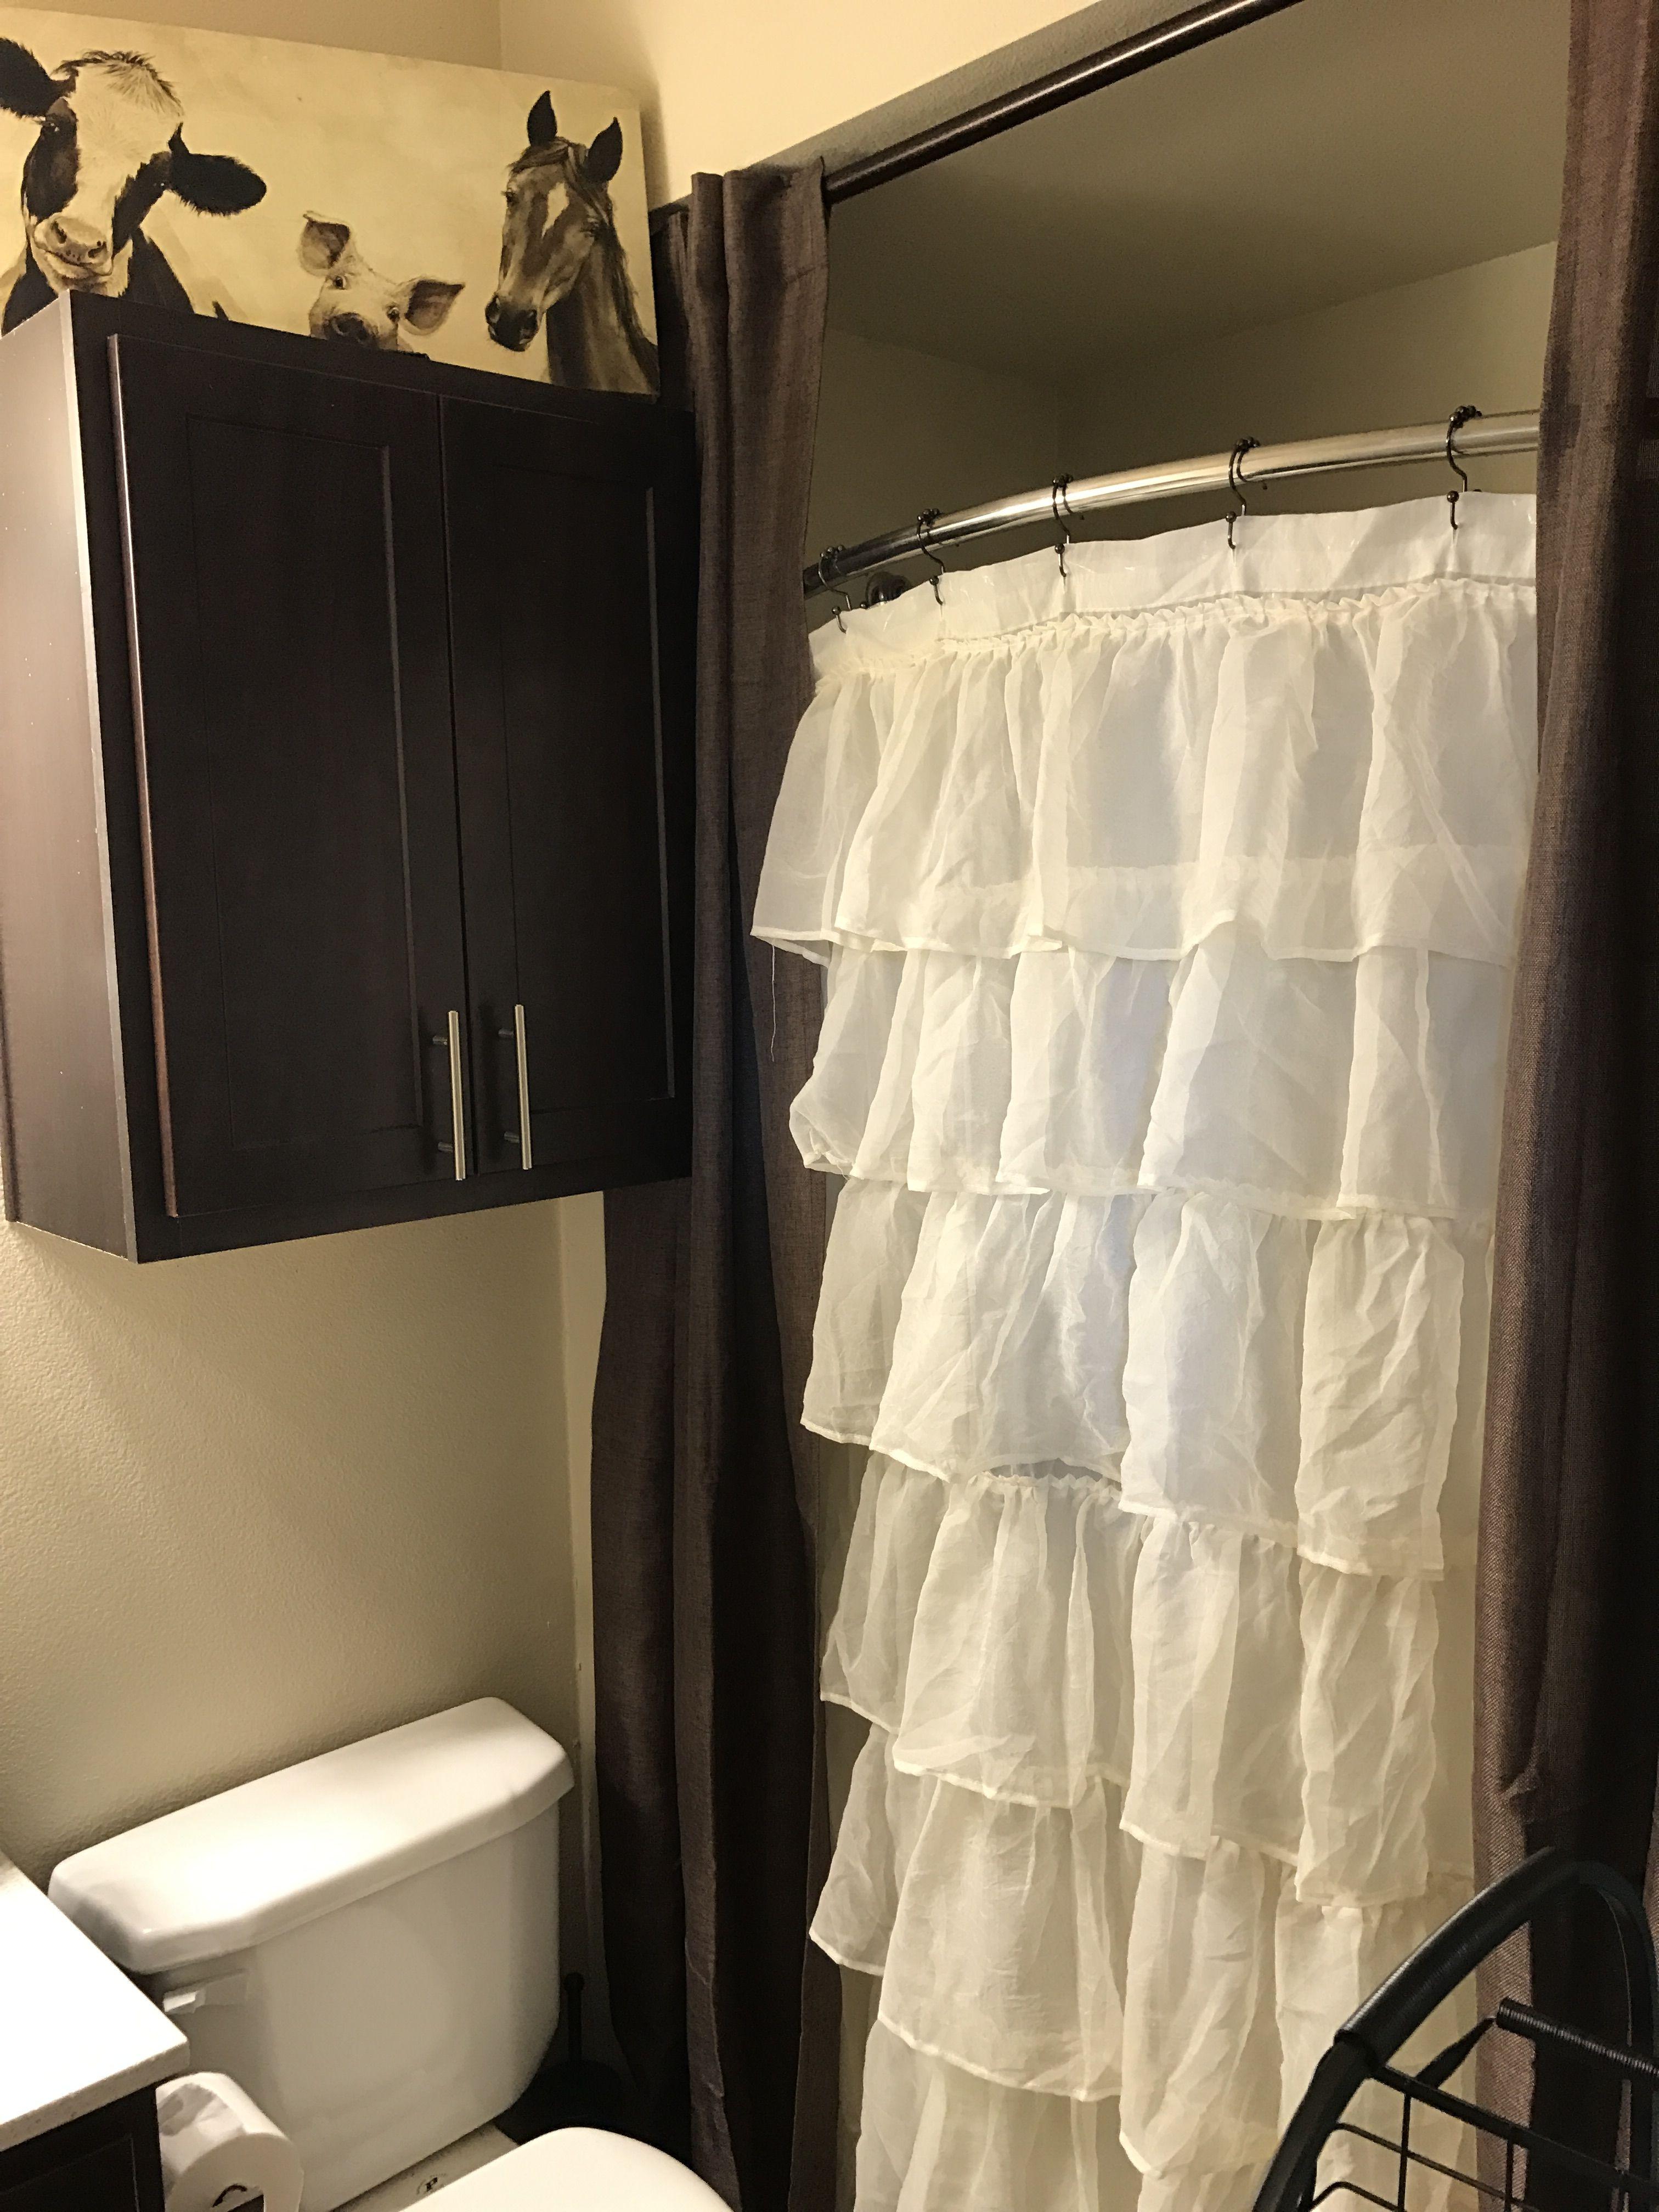 Farmhouse bathroom | Western bedroom, Ruffle shower ... on Farmhouse Bedroom Curtain Ideas  id=22331